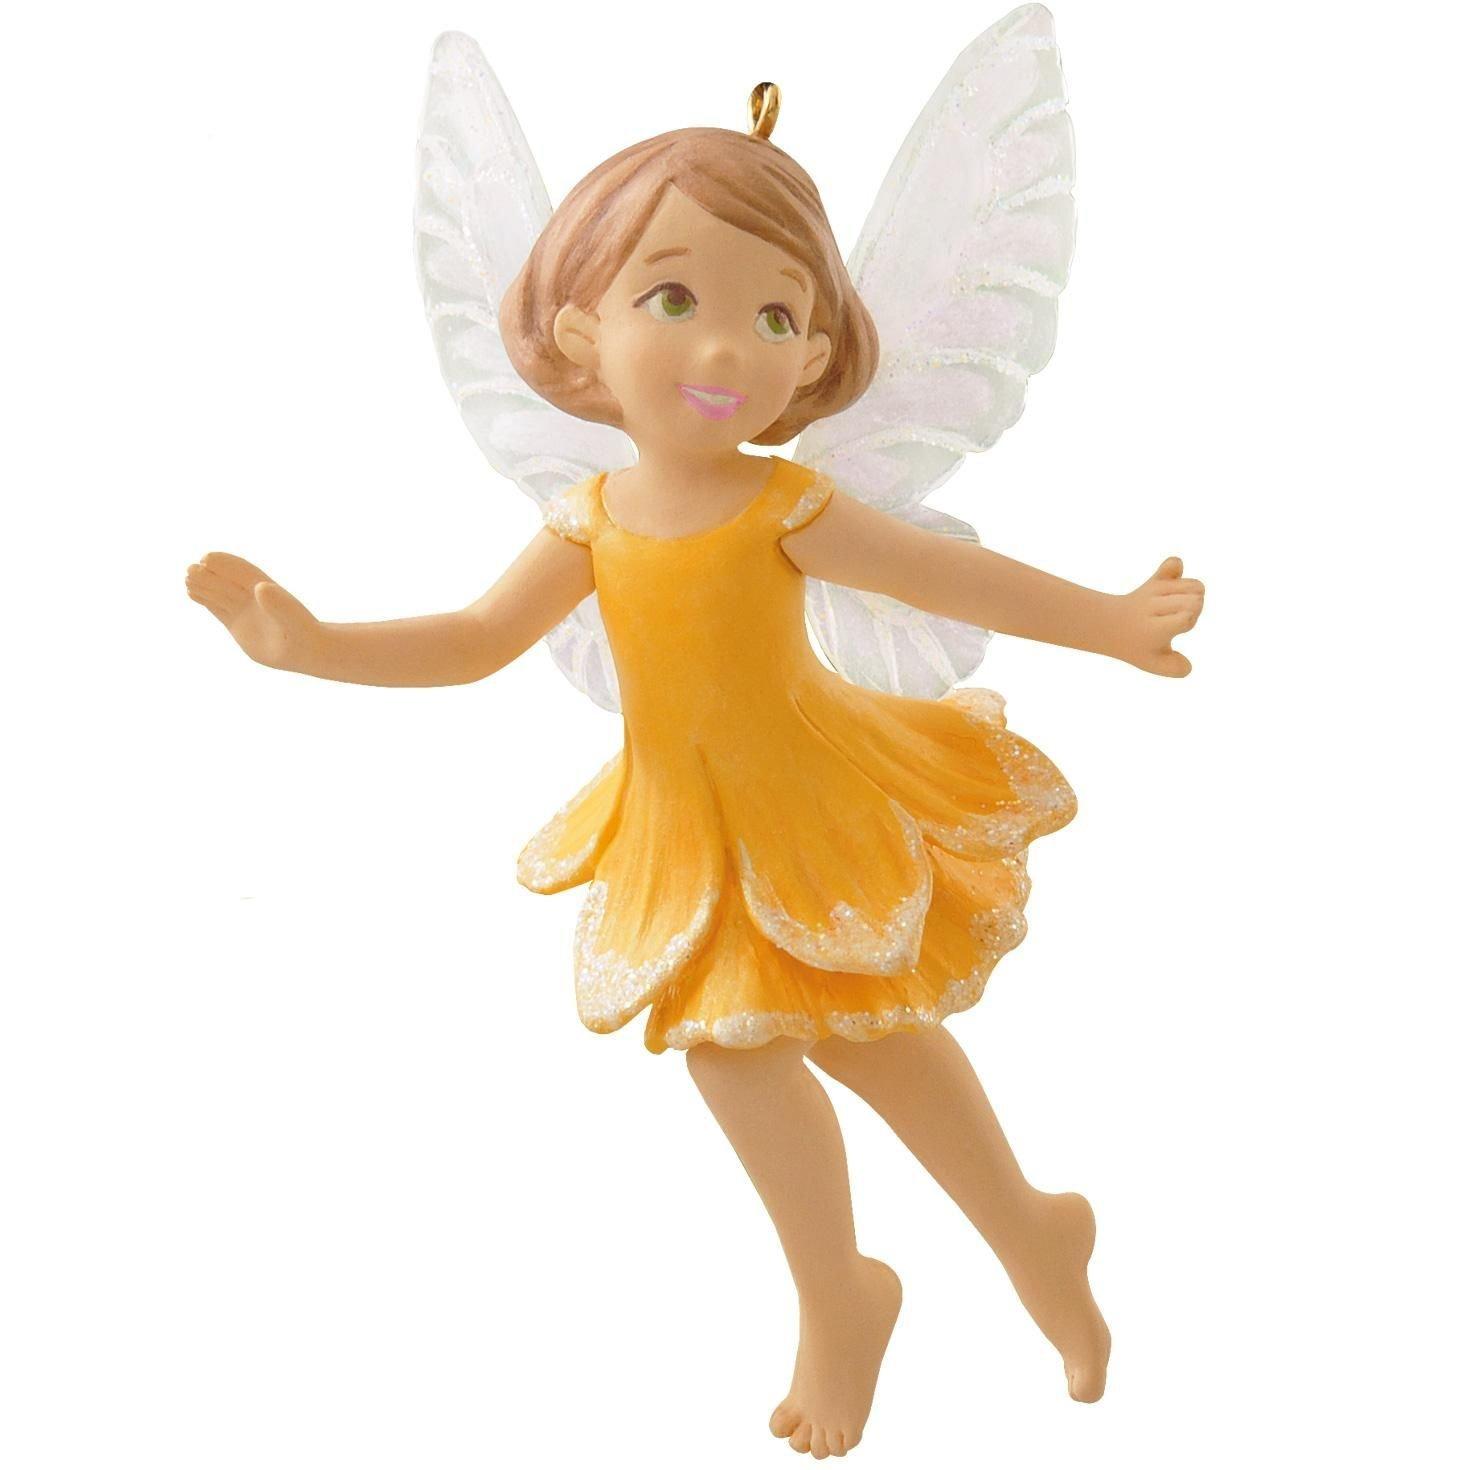 Fairy christmas ornaments - Fairy Christmas Ornaments 15